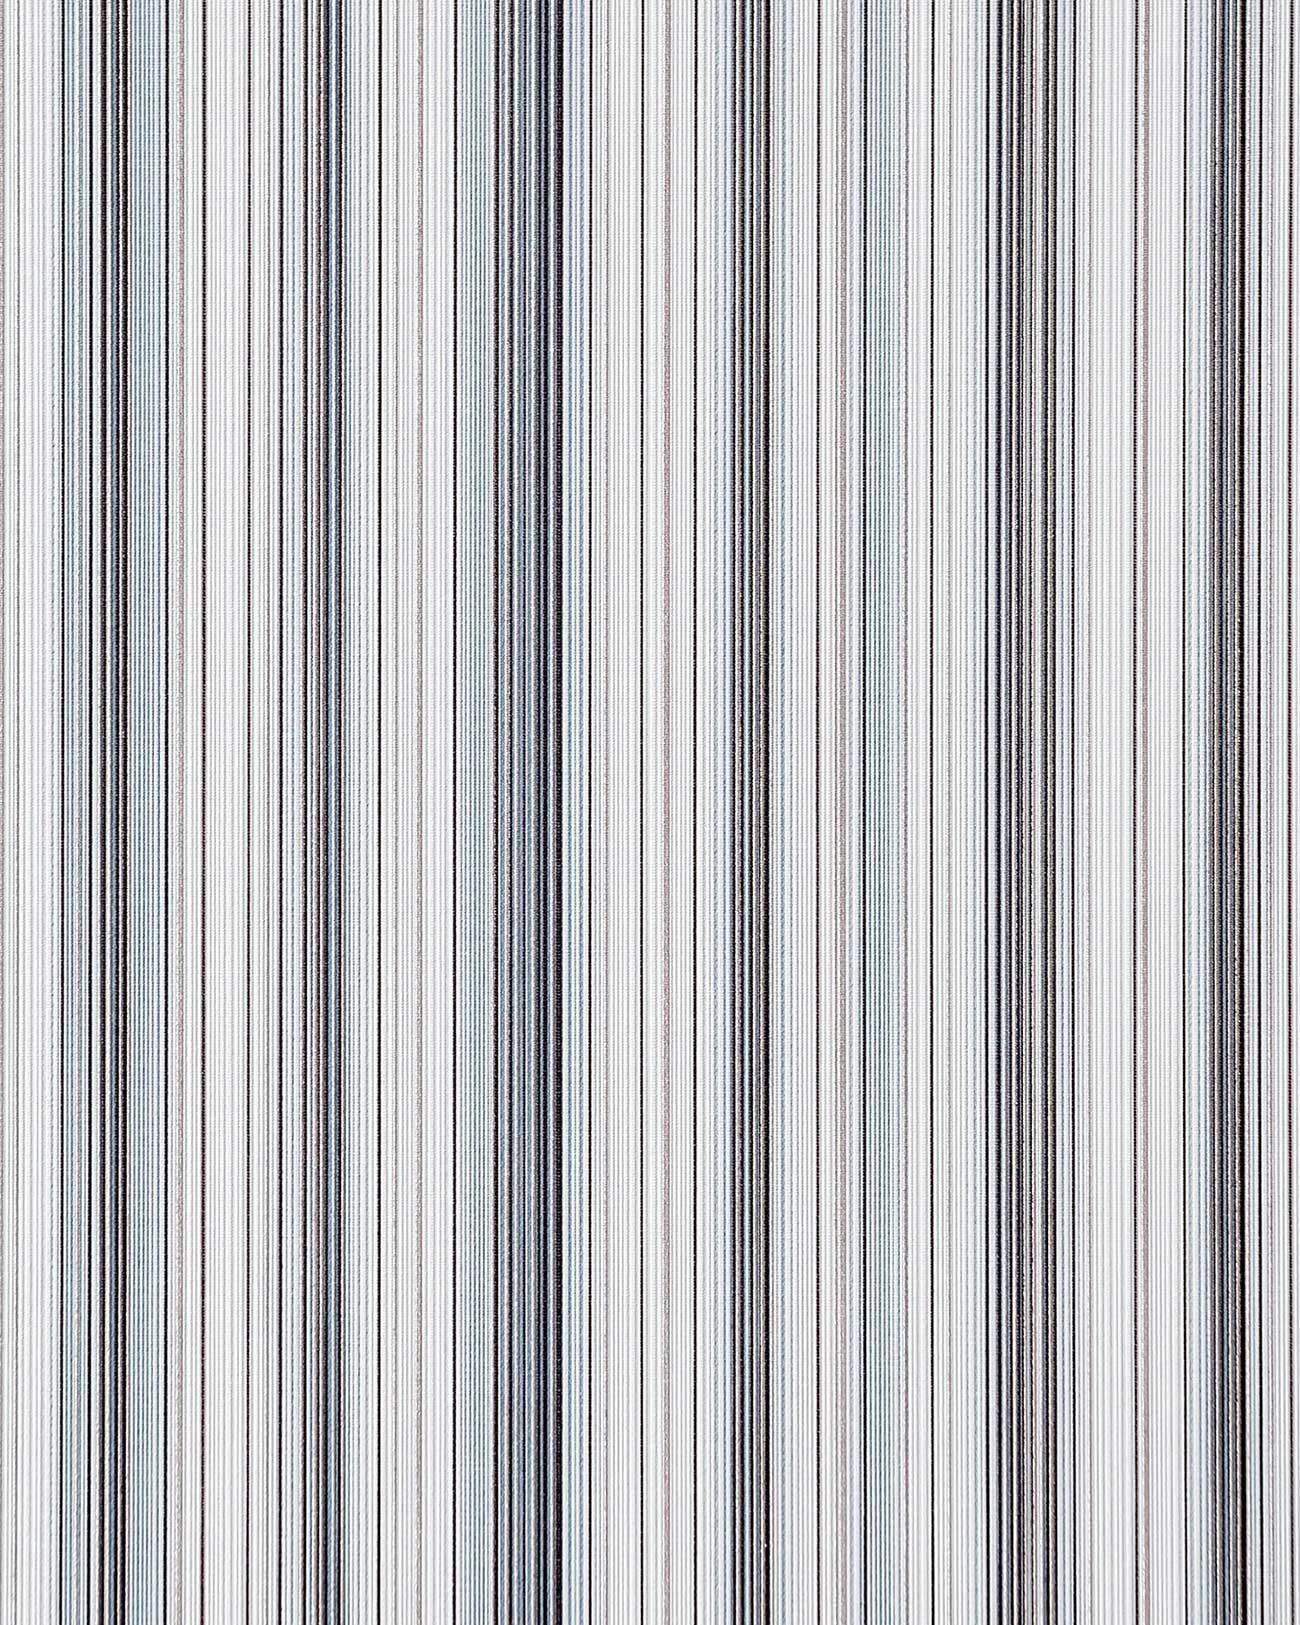 streifen tapete edem 097 26 designer tapete prunkvolle modern und edel blau hellblau grau wei. Black Bedroom Furniture Sets. Home Design Ideas